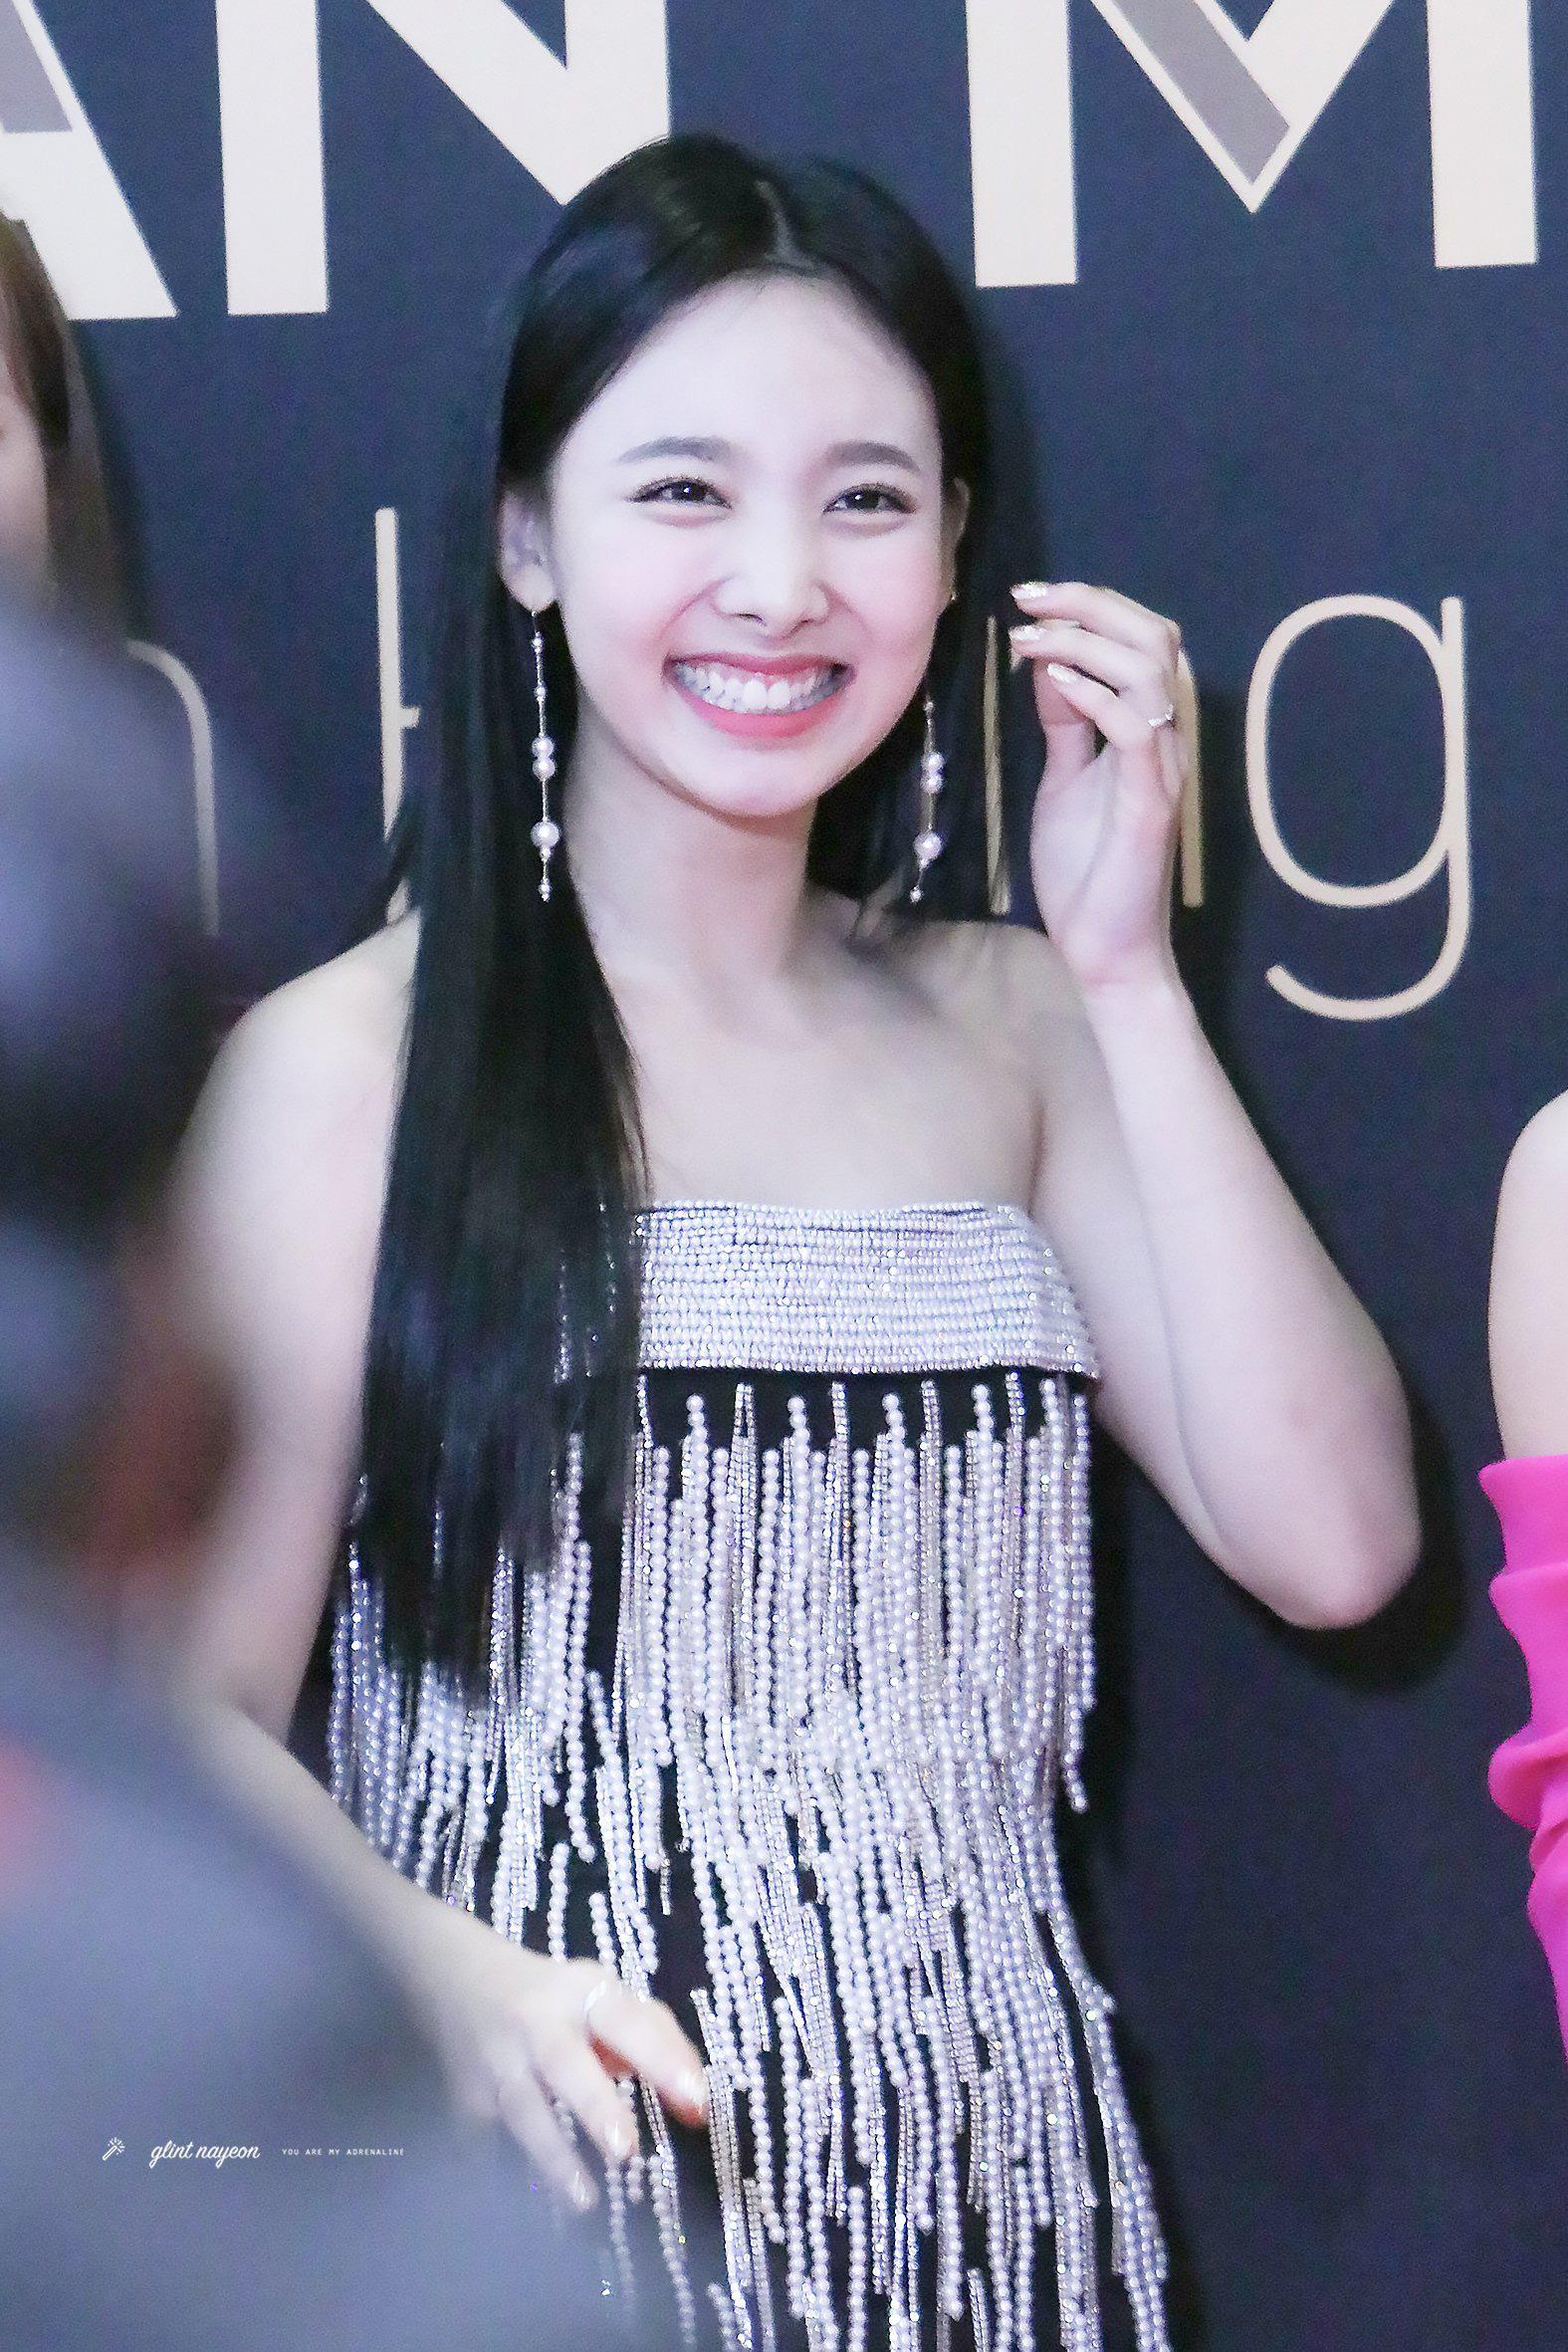 Winter (aespa) vừa debut đã đụng váy Nayeon mặc từ 2 năm trước: Gà mới nhà SM có qua mặt mỹ nhân Twice? - Ảnh 4.